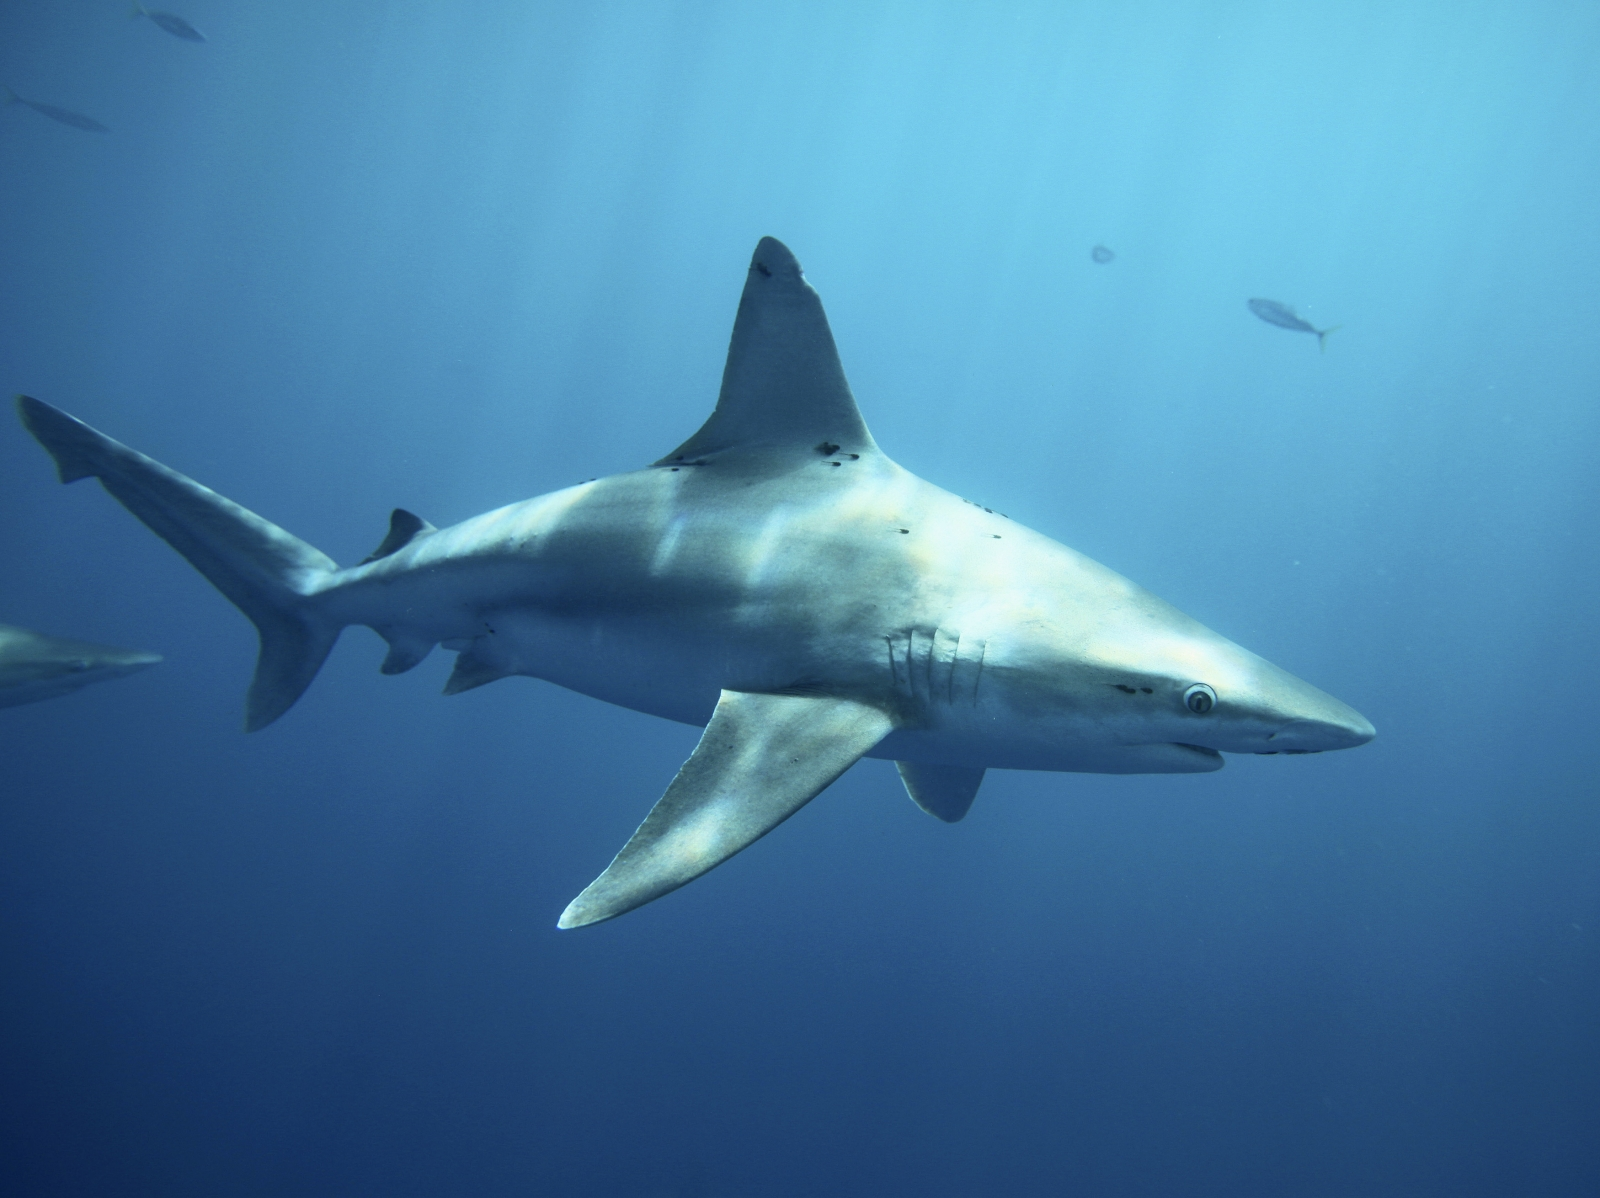 Shark off the coast of Hawaii